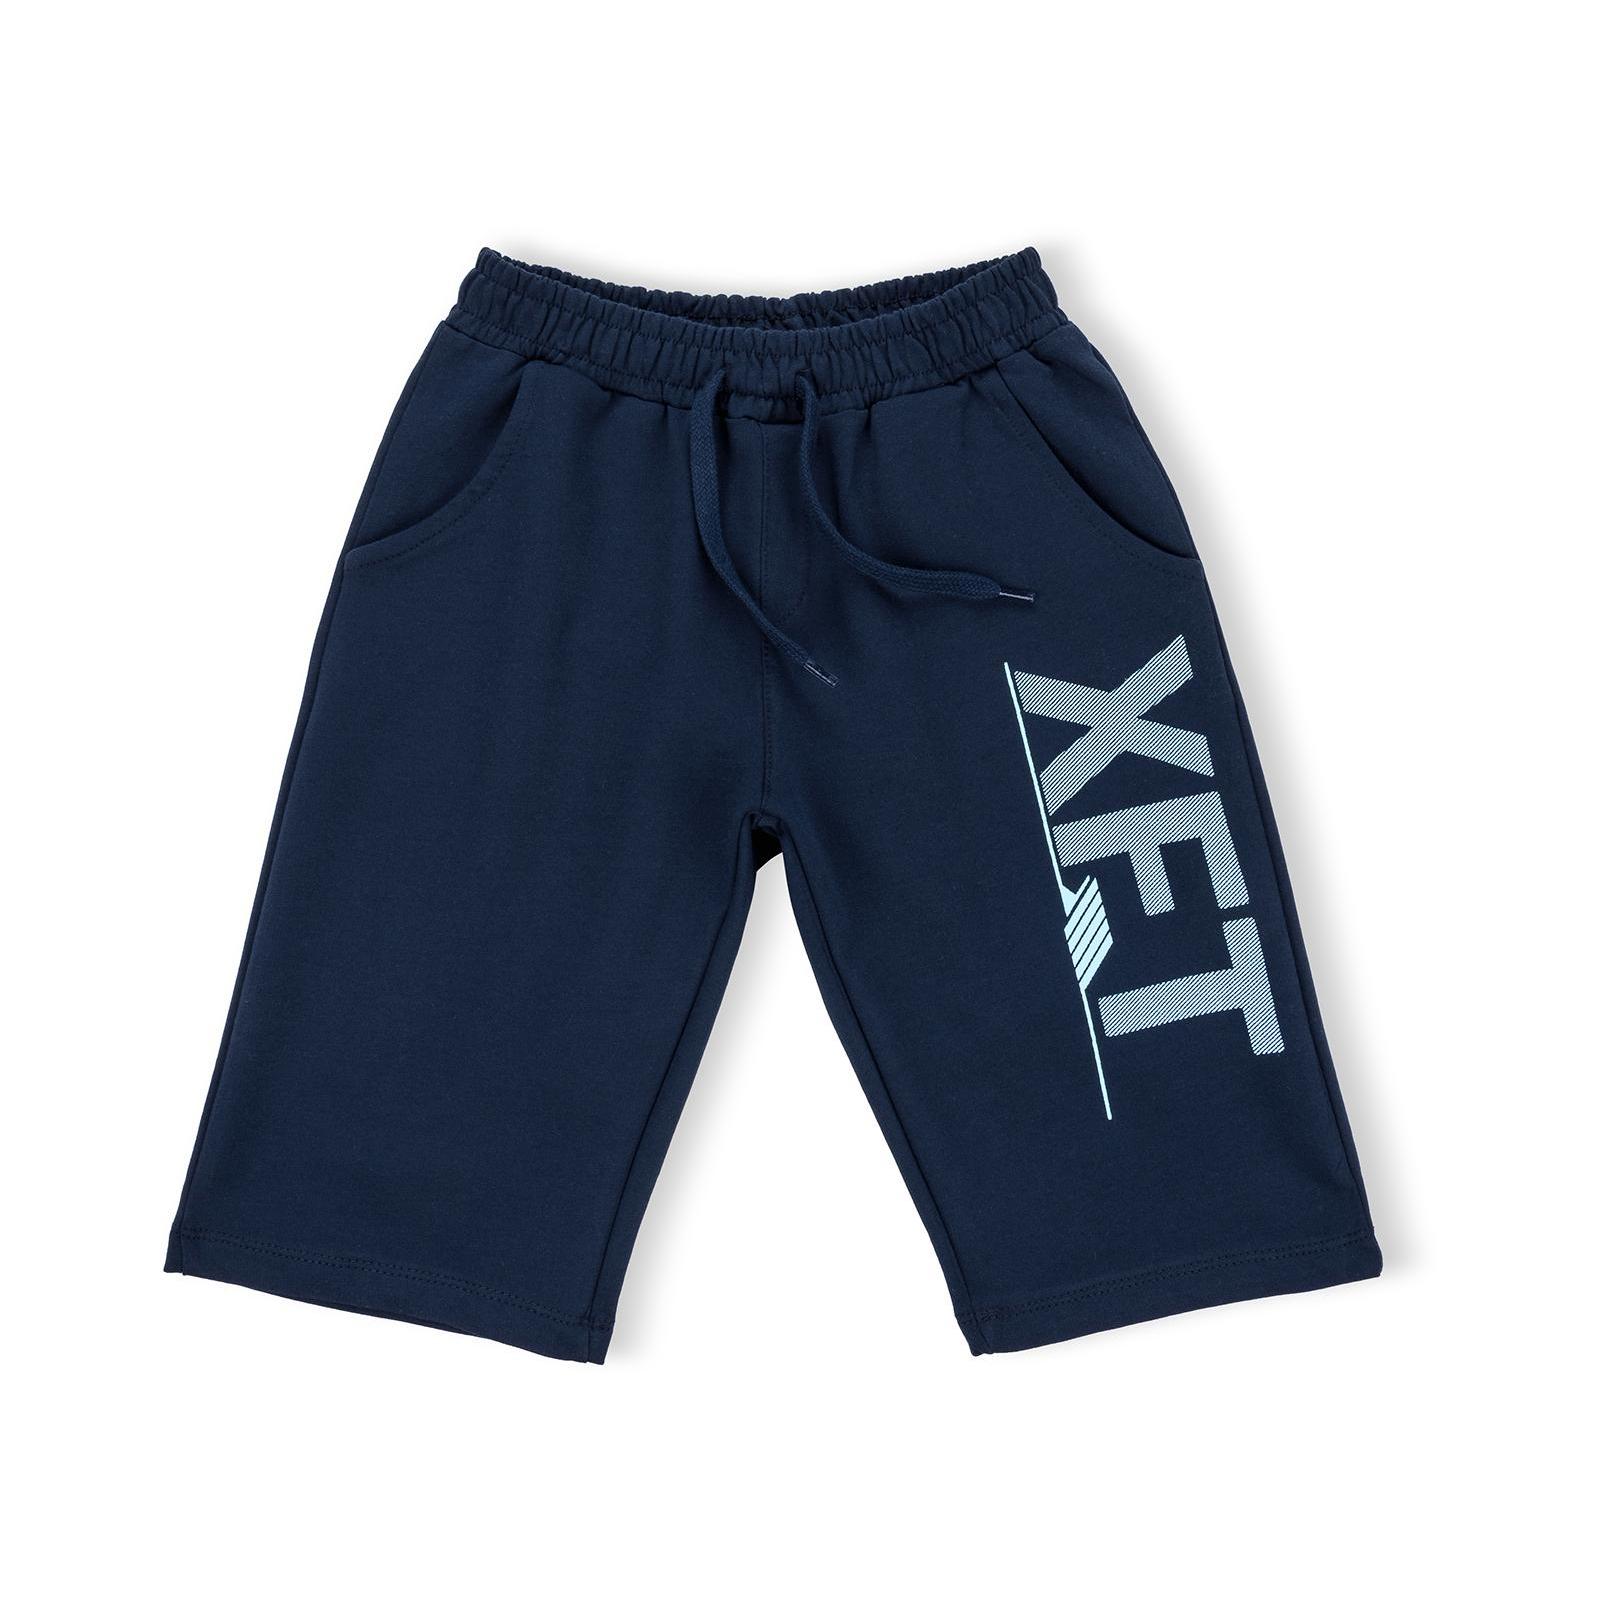 """Футболка детская Breeze с шортами """"XFT"""" (10925-146B-blue) изображение 3"""